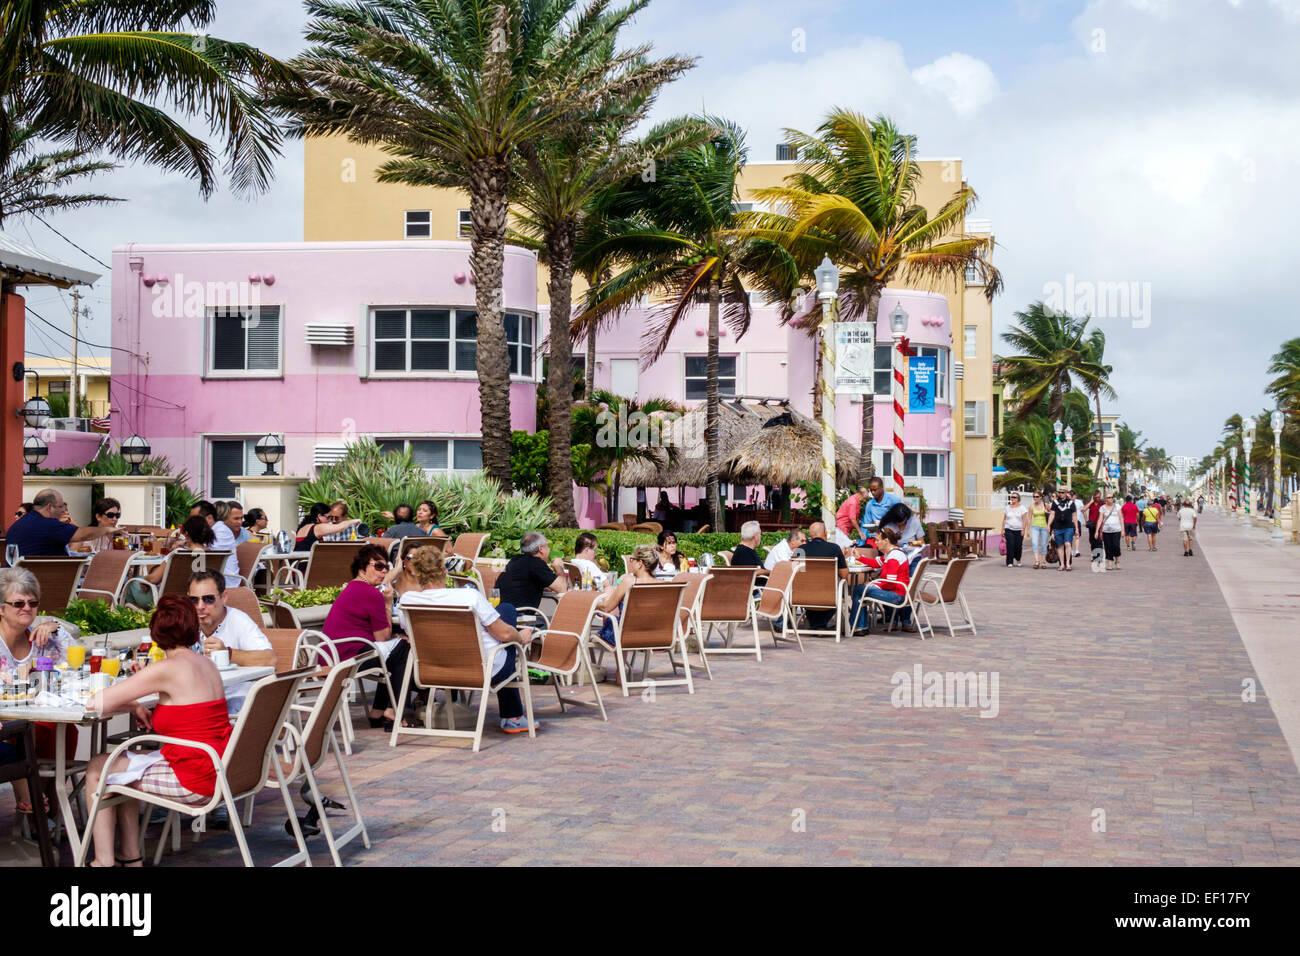 Hollywood Broadwalk paseo peatonal Florida Norte camino andando la playa del Océano Atlántico empresas Imagen De Stock